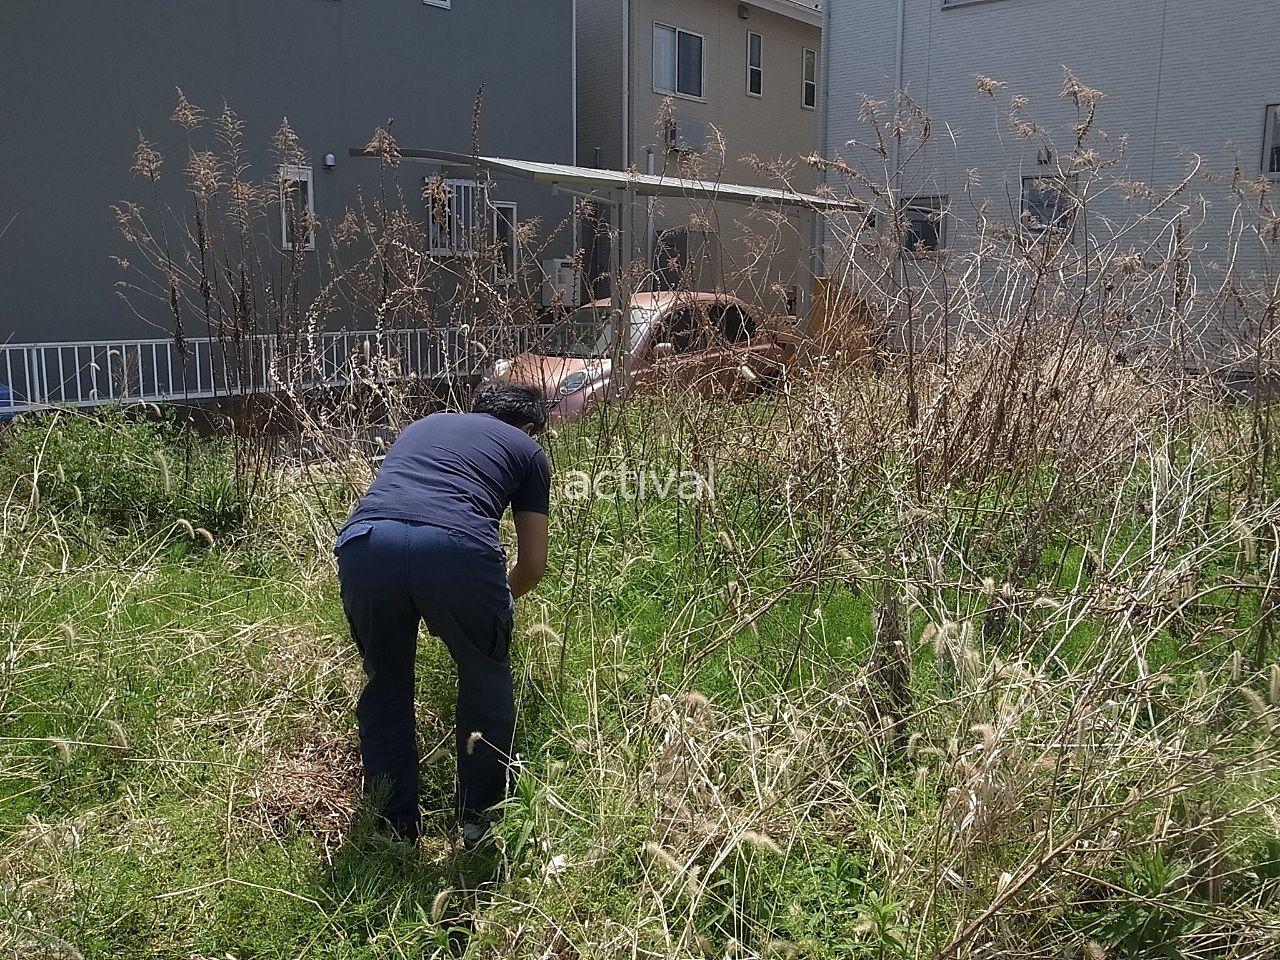 上司N島部長が空き地の草を一部刈っています!